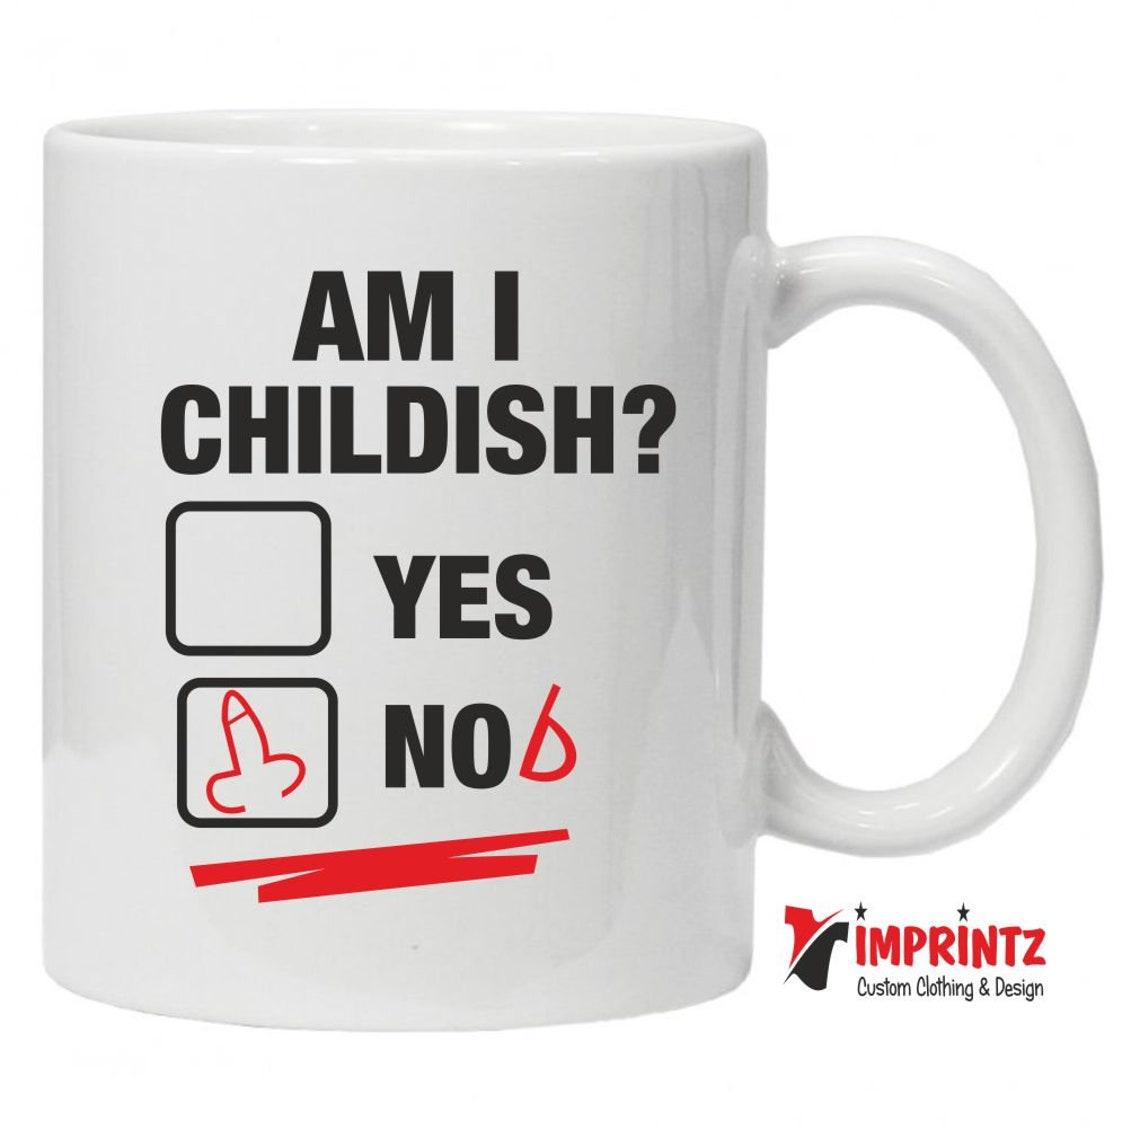 Am I Childish Yes No(b) rude Mug